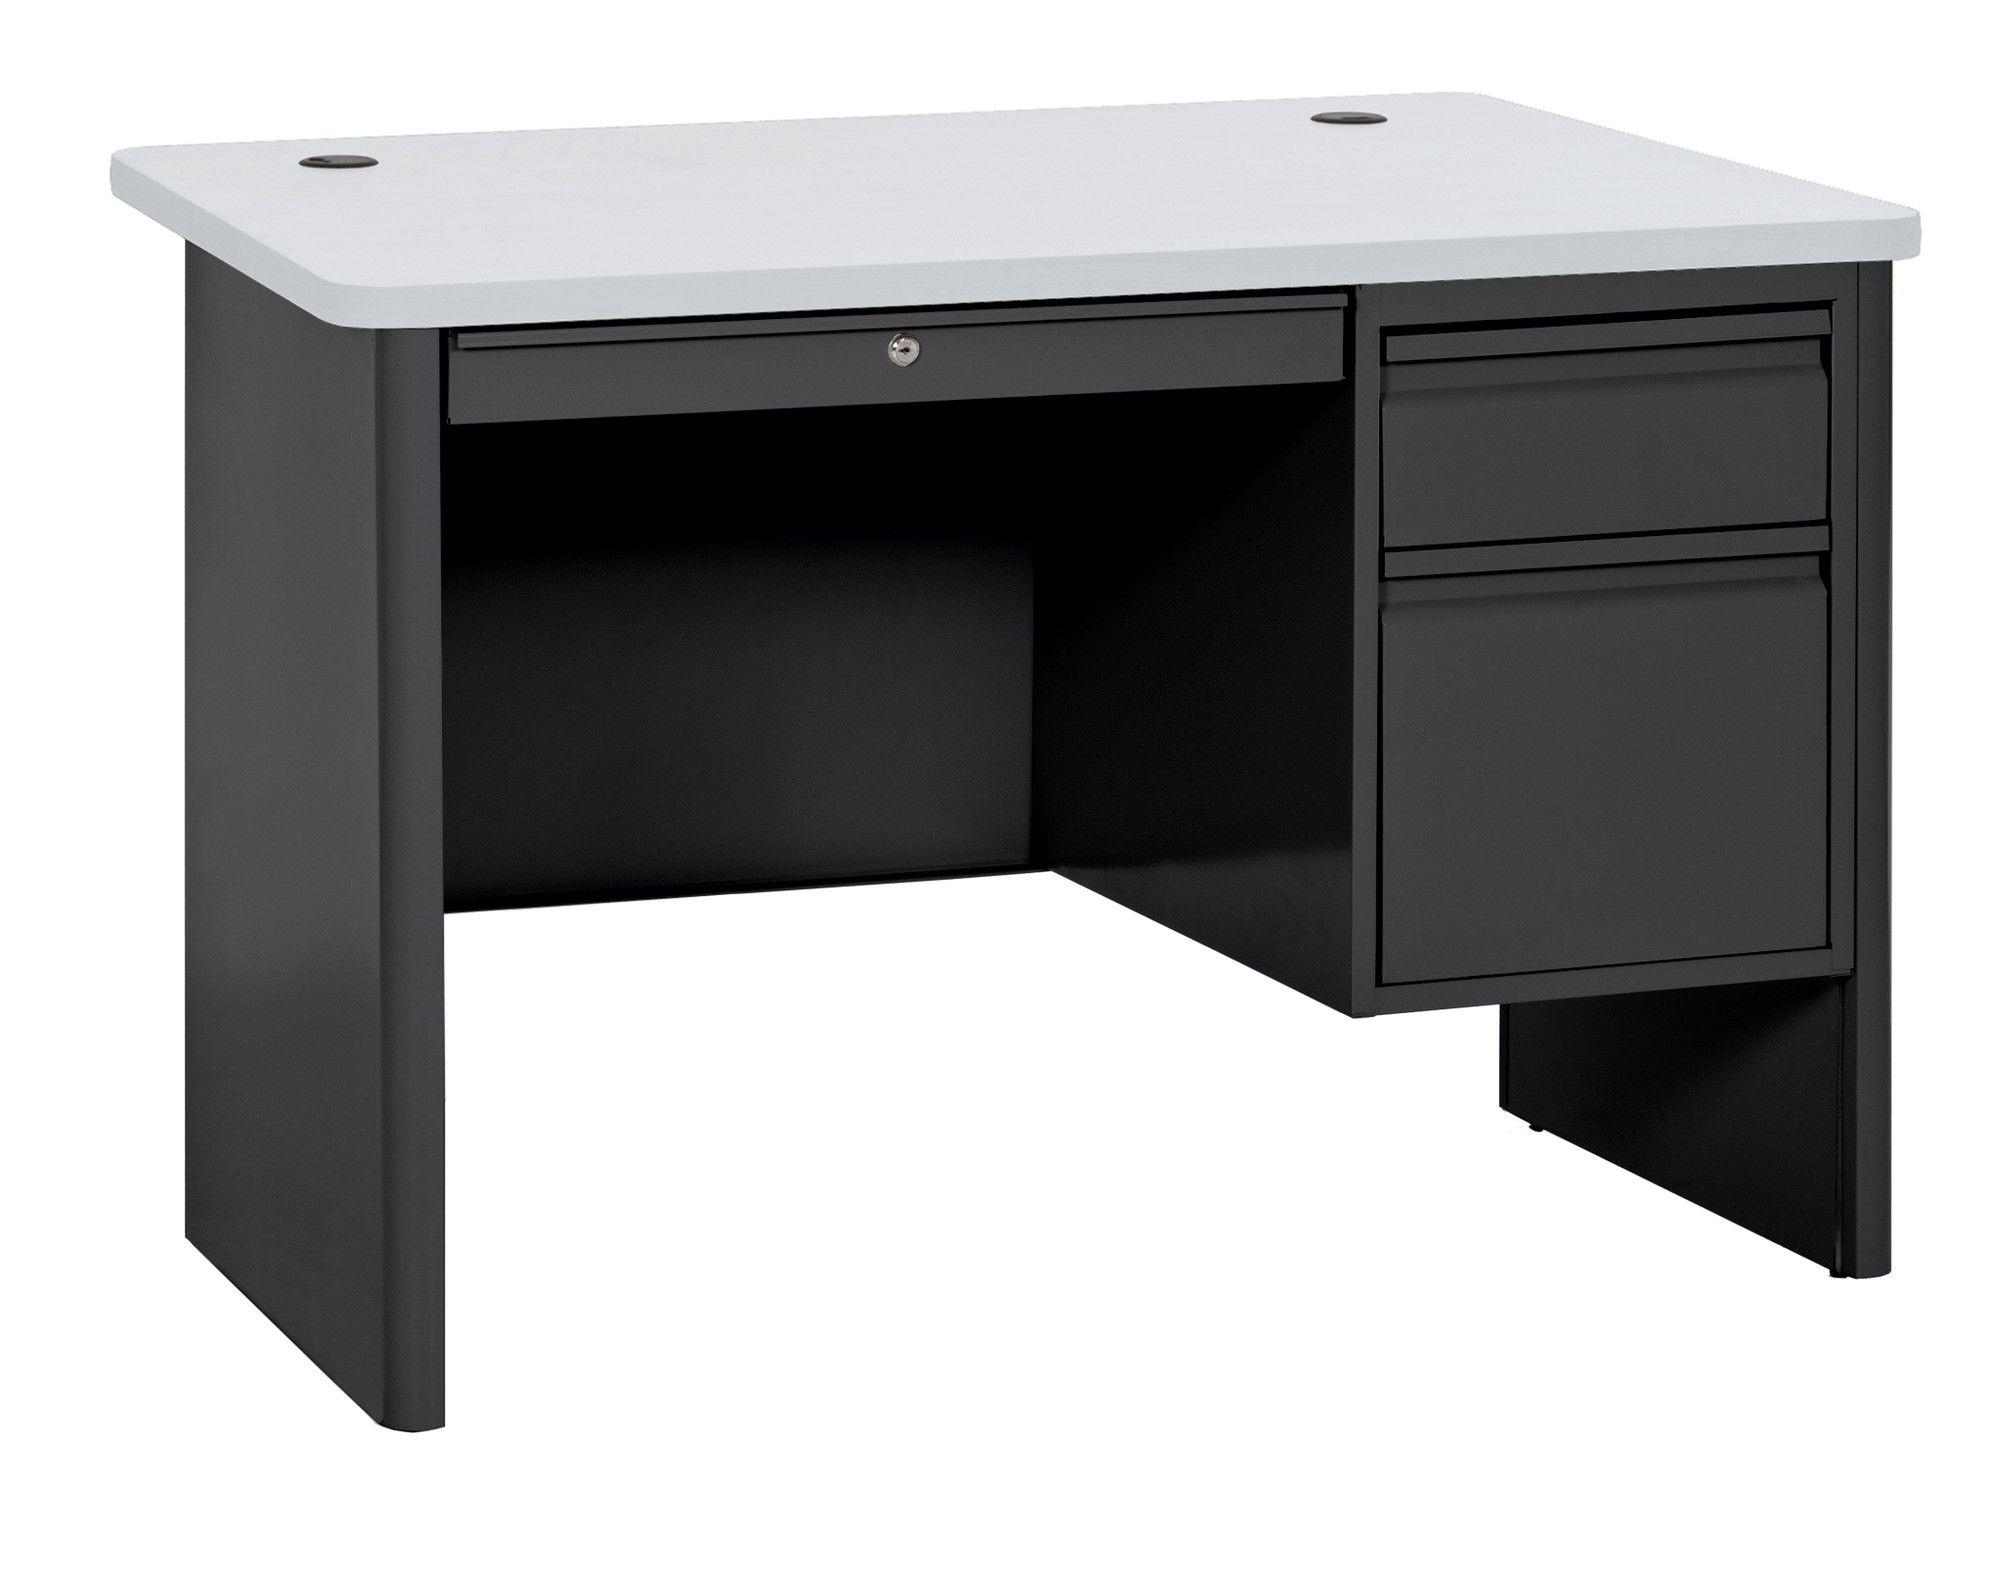 700 Series Single Pedestal Computer Desk Desk Pedestal Desk